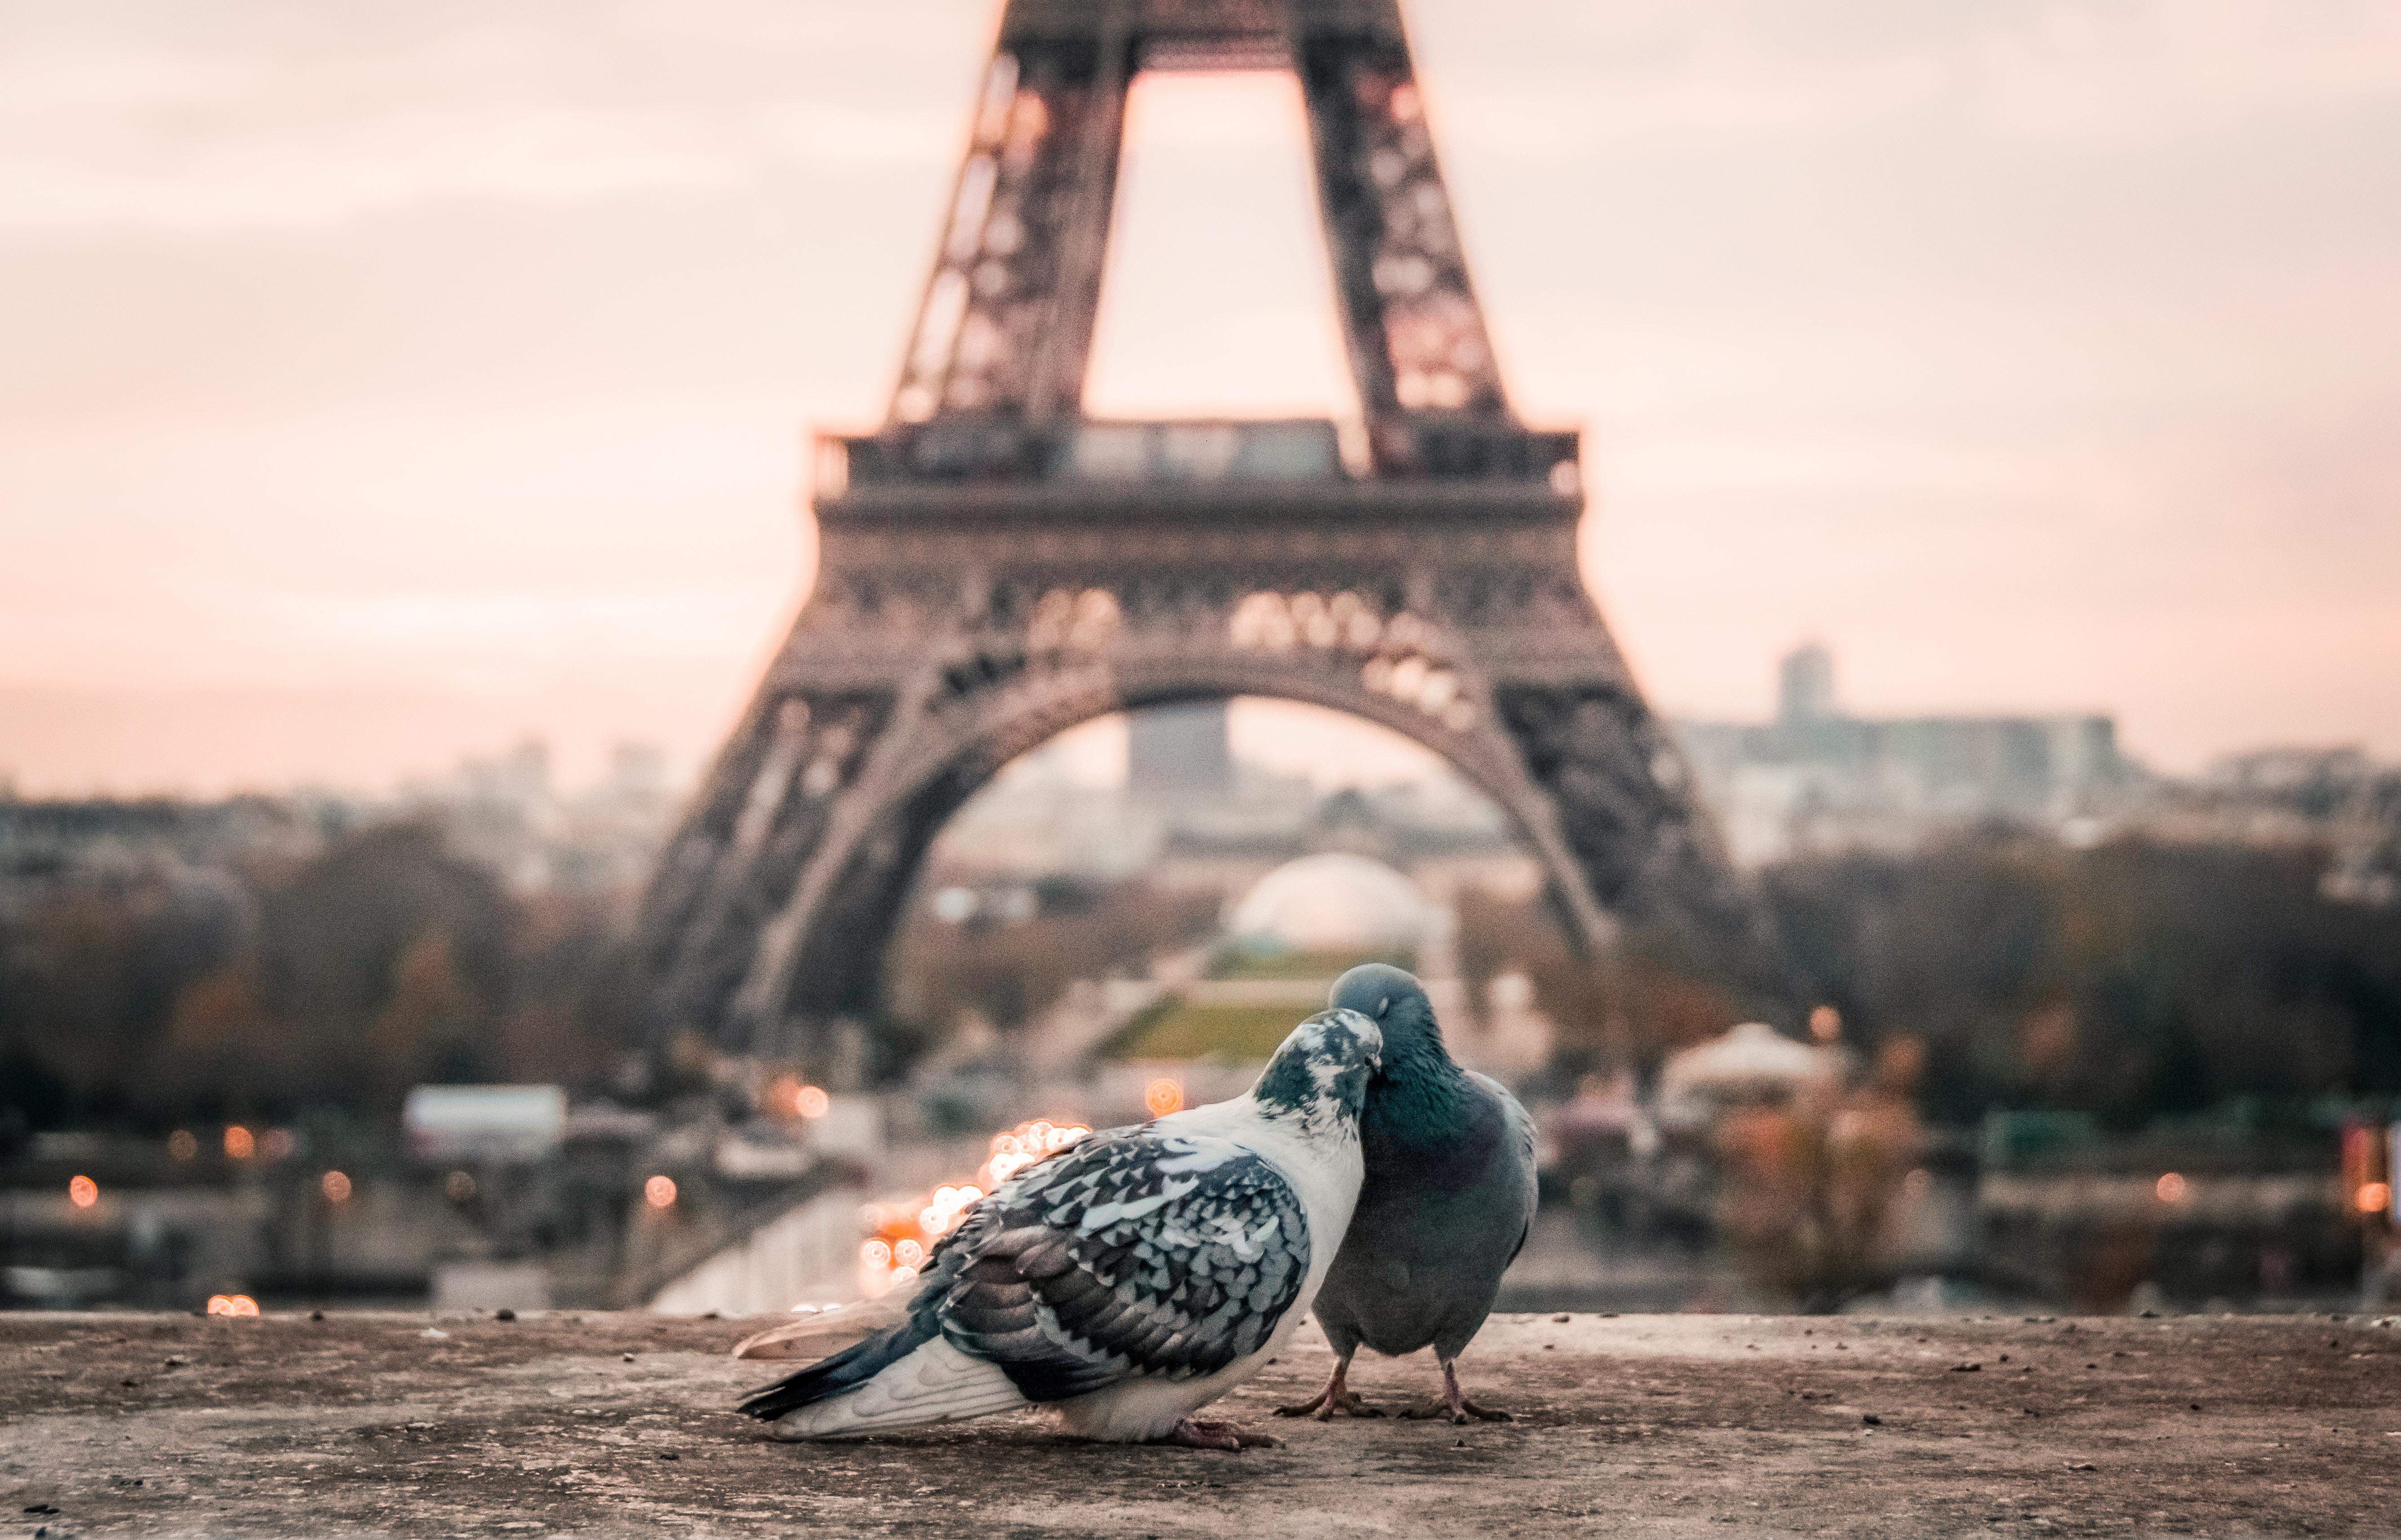 париж ейфелева вежа